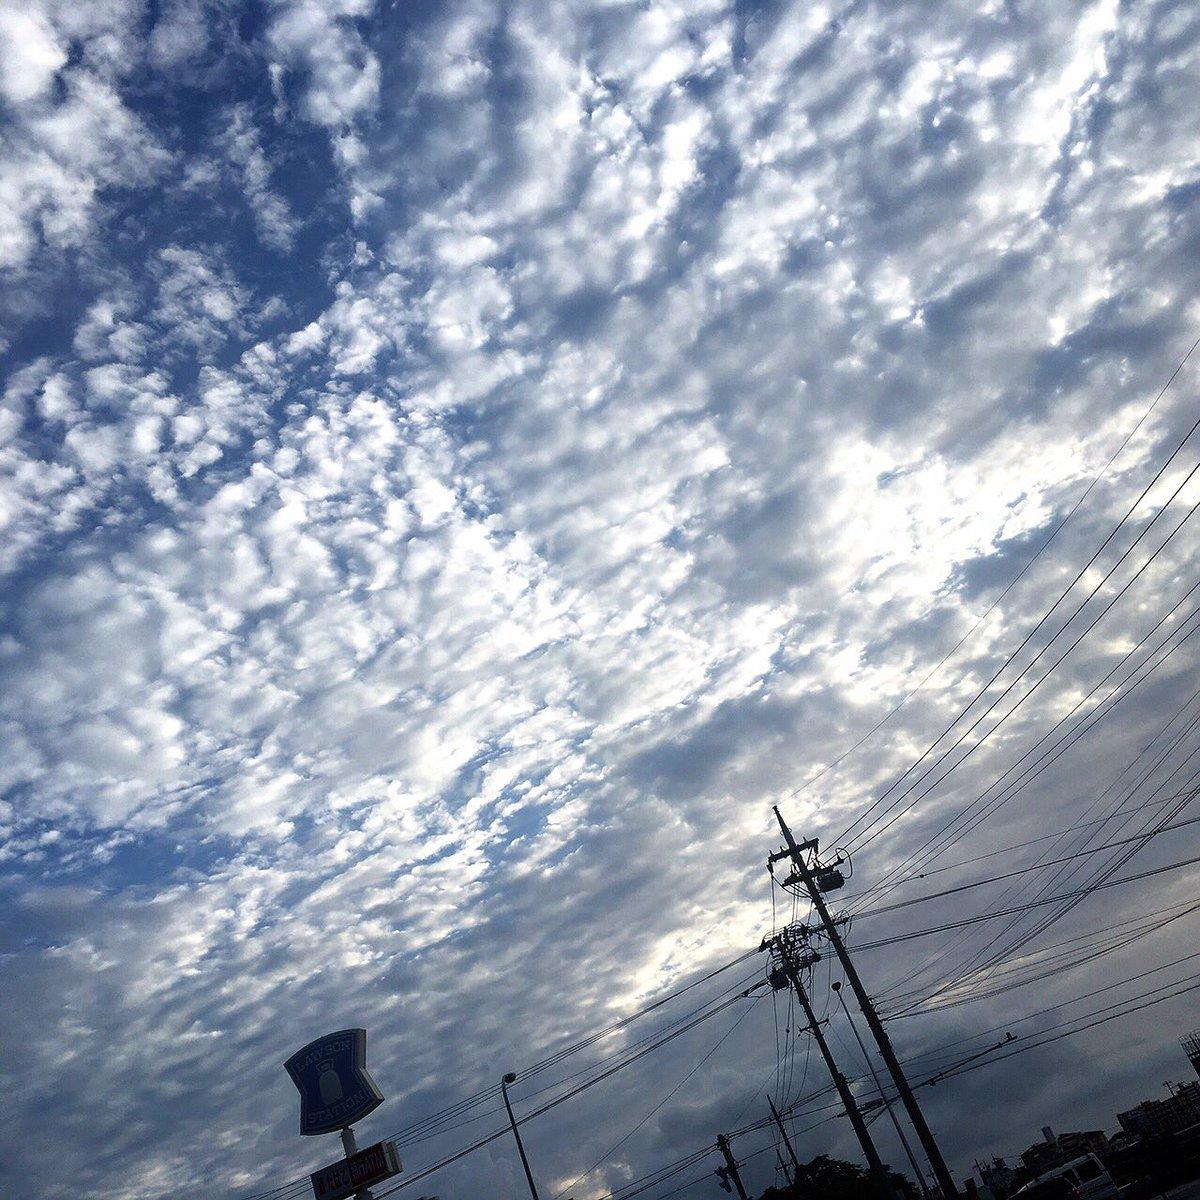 スタッフさんが空の写真撮ってたから真似して湊も撮った。 でもSNSでよくある良い感じのポエムは浮かびません。 buPtYtLuiA